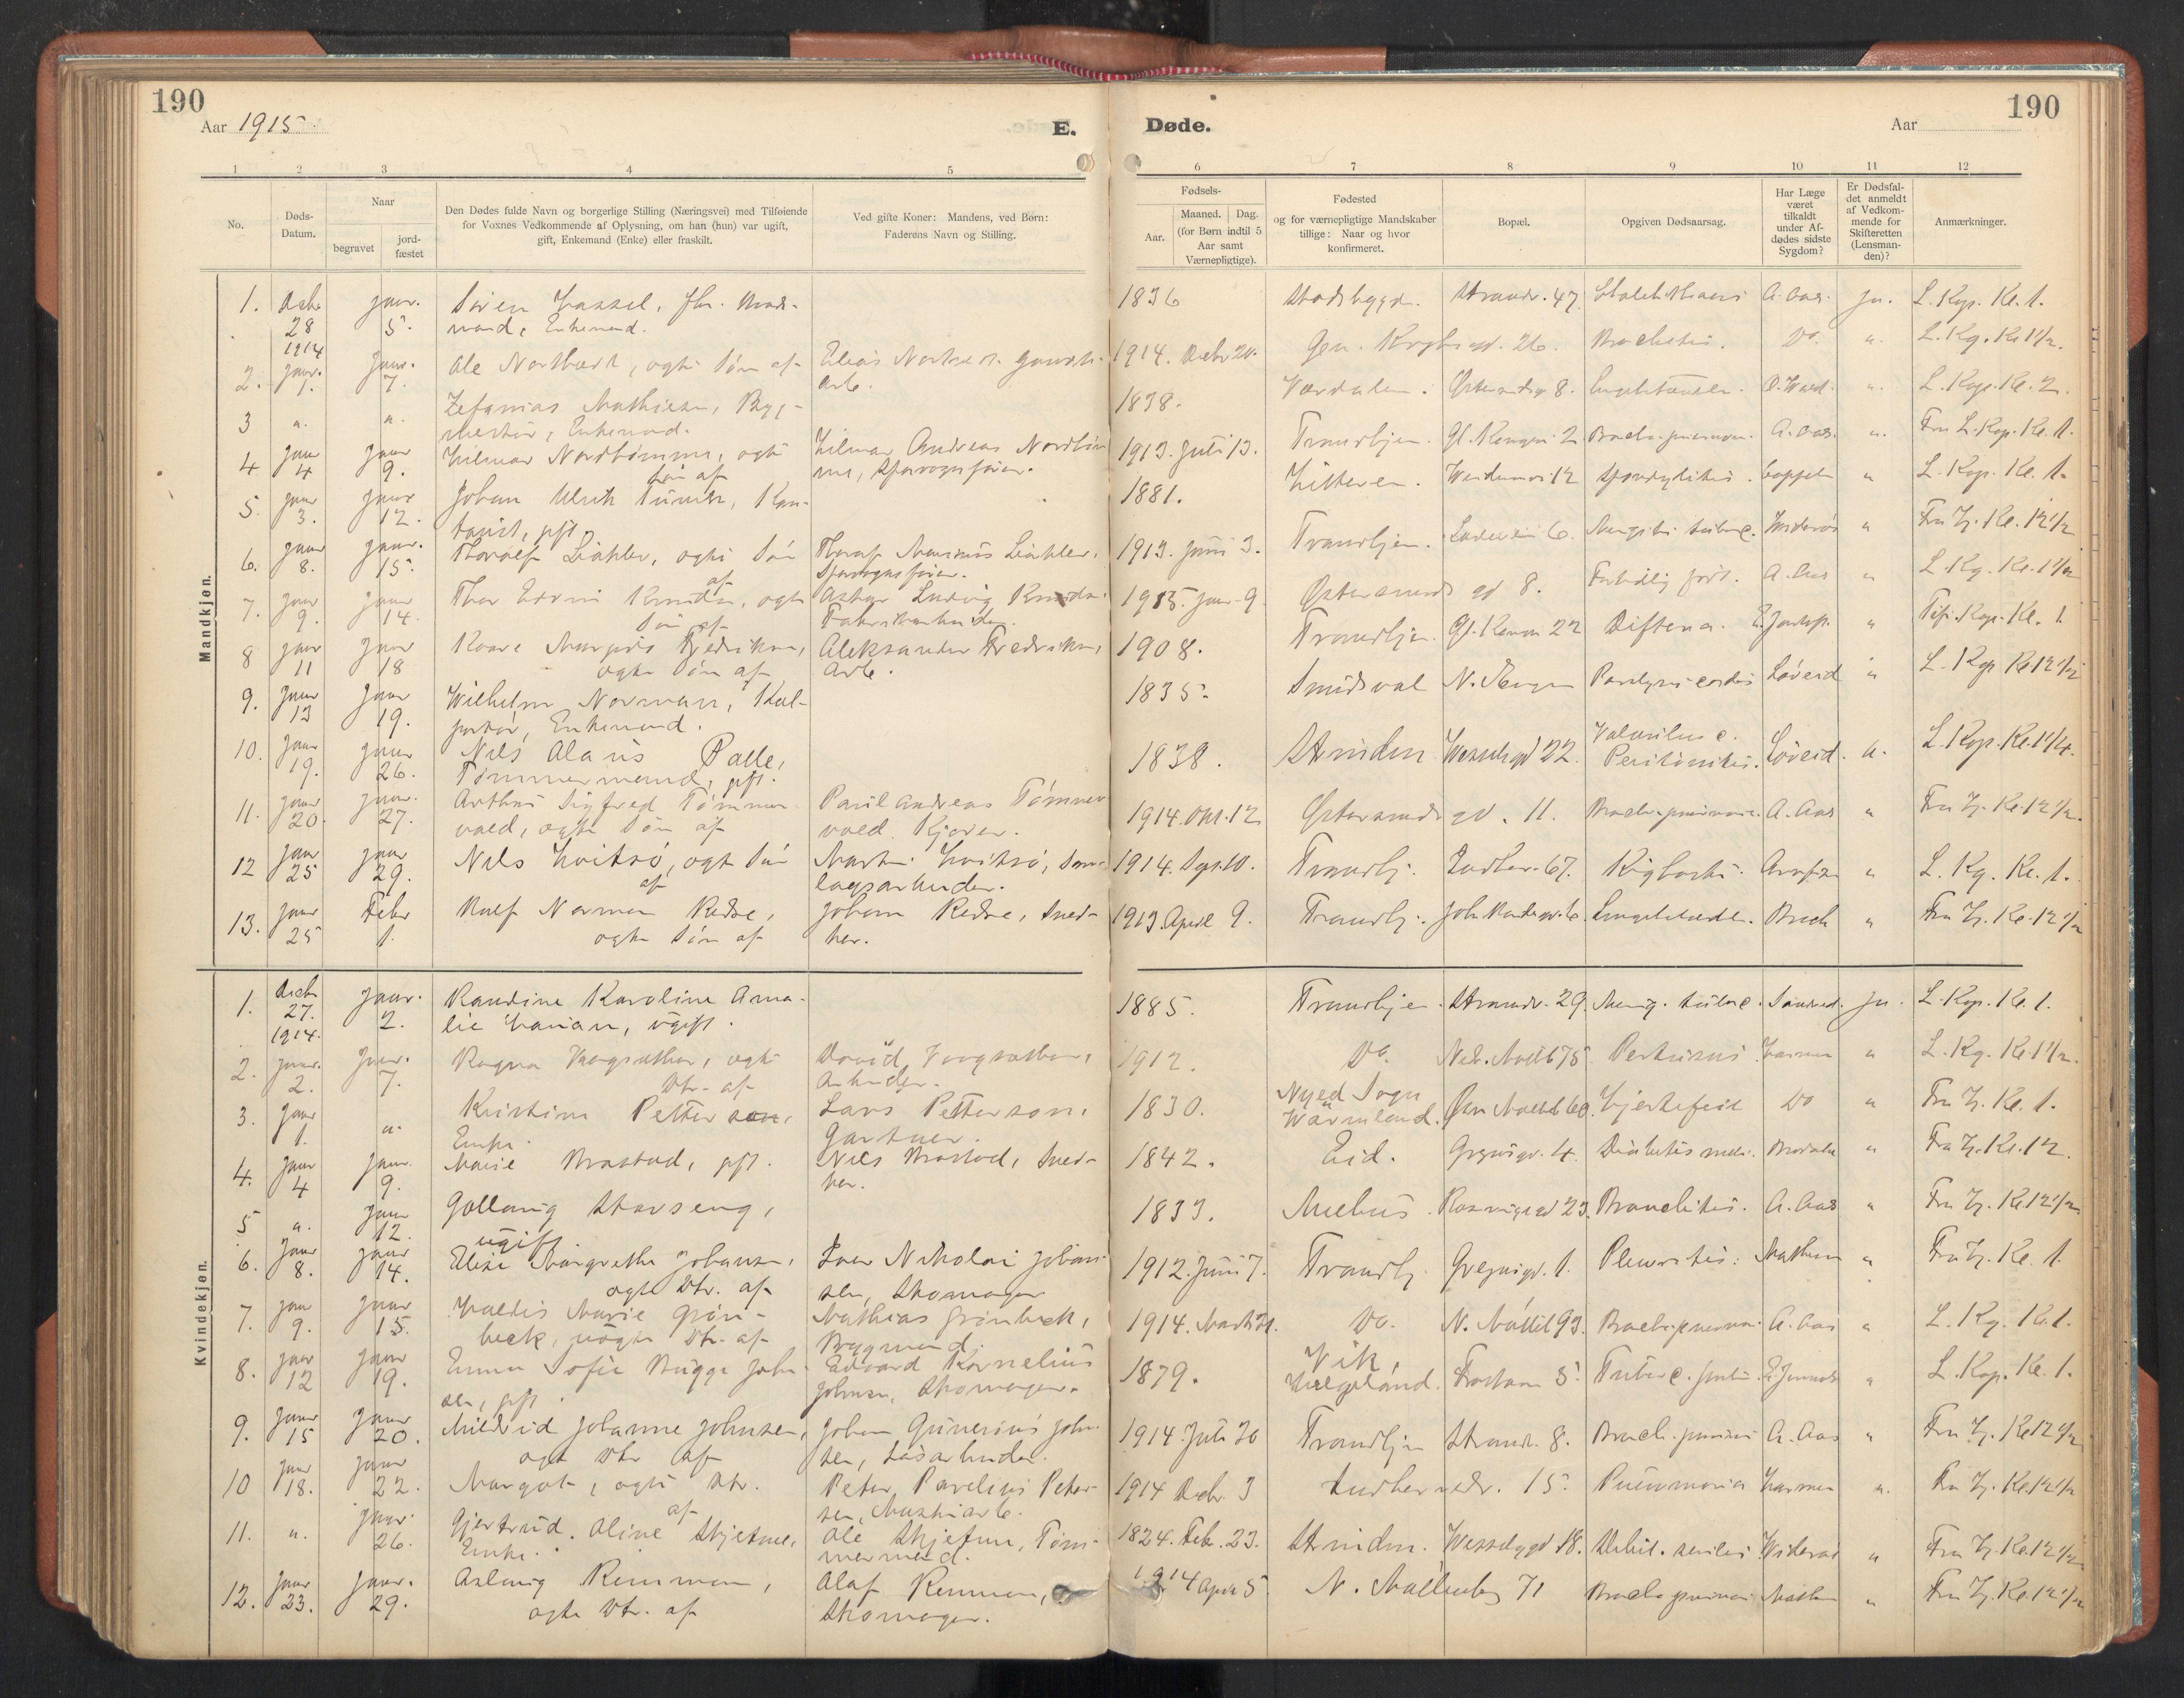 SAT, Ministerialprotokoller, klokkerbøker og fødselsregistre - Sør-Trøndelag, 605/L0244: Ministerialbok nr. 605A06, 1908-1954, s. 190